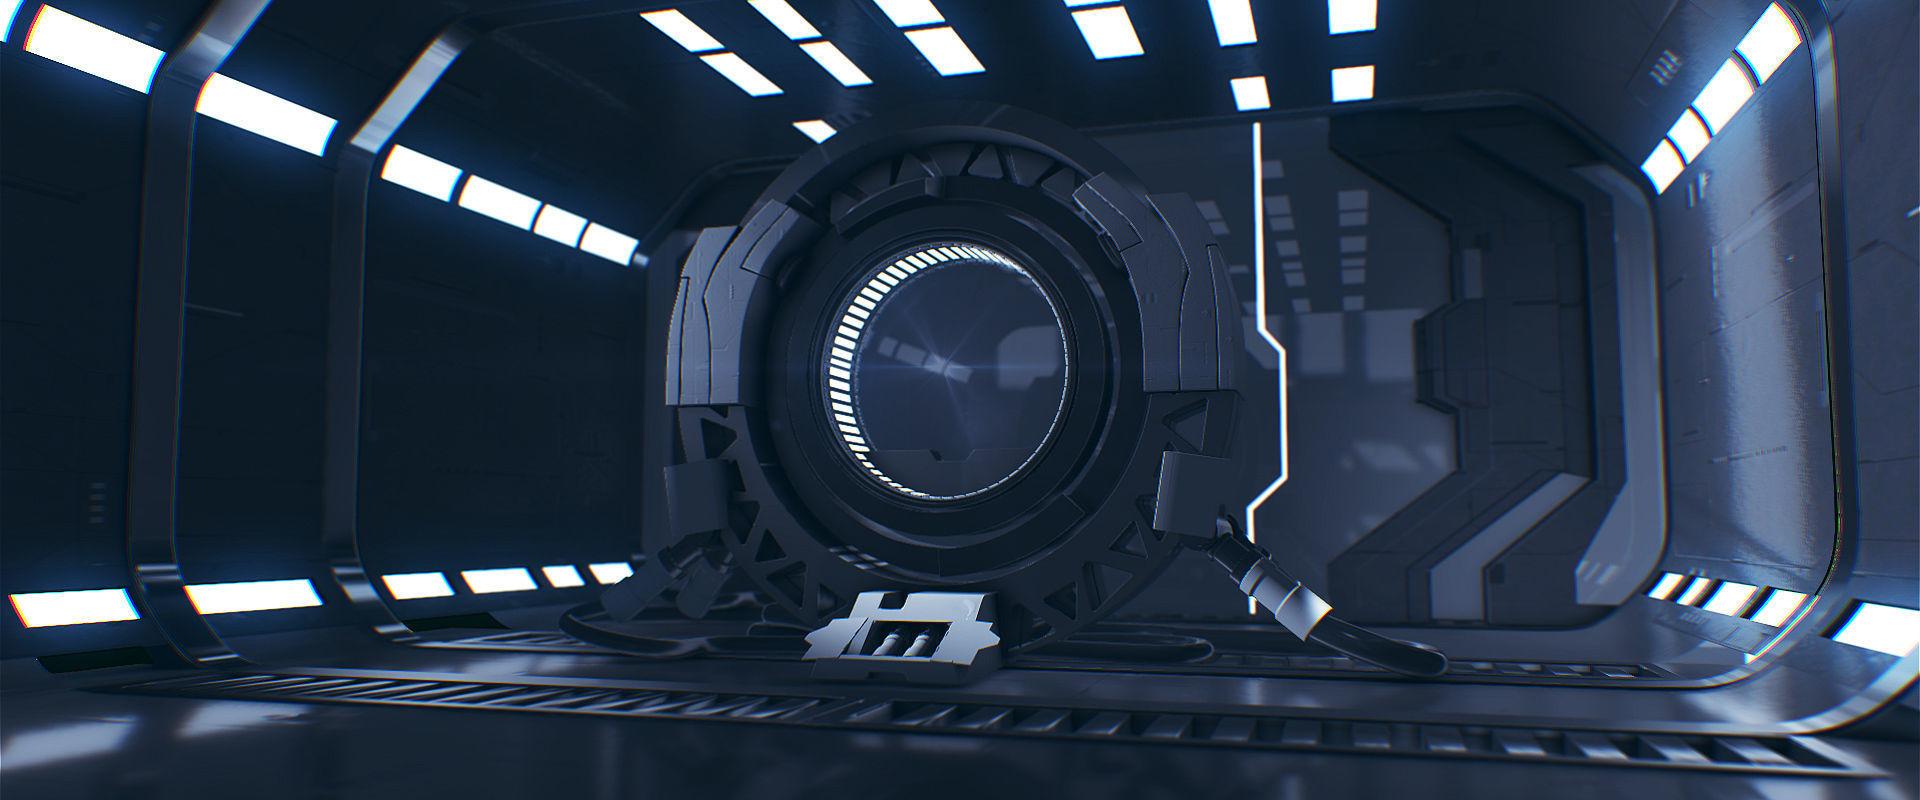 Sci Fi 3D Interior - Maya - 3Ds Max - Cinema 4D - FBX - OBJ